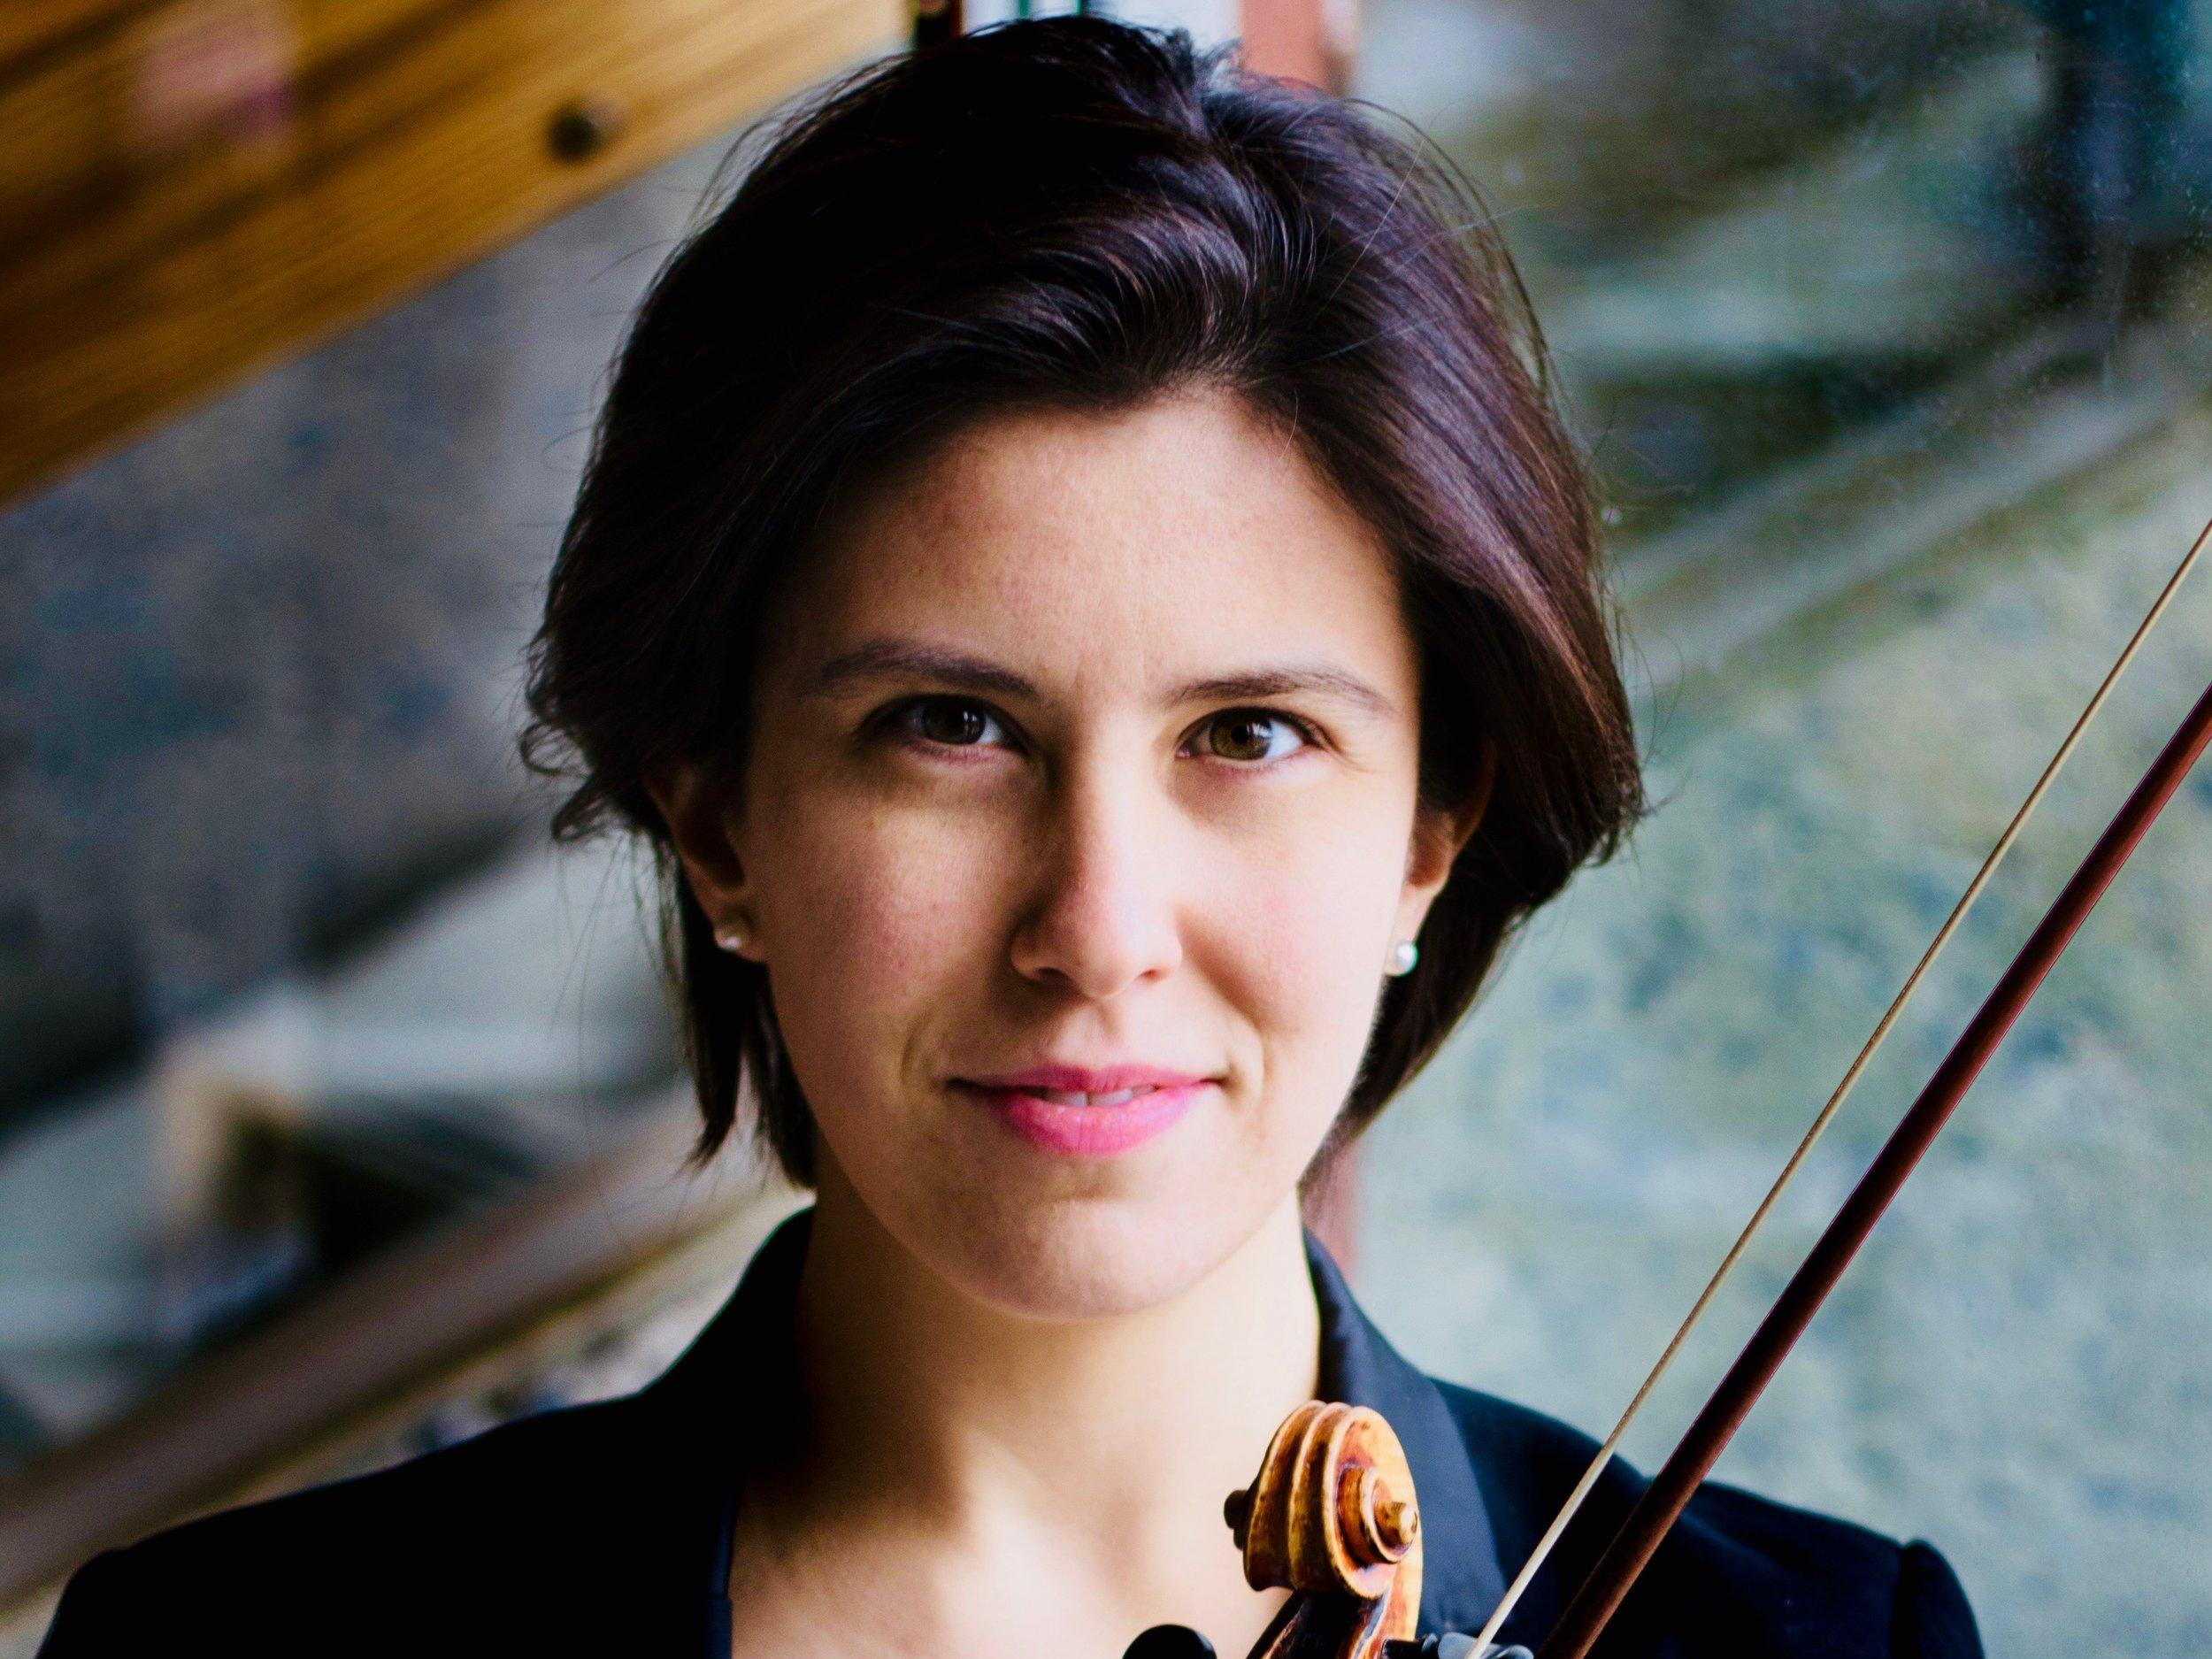 Marie Bégin - violon - La jeune violoniste canadienne Marie Bégin se distingue par sa grande sensibilité et son dynamisme. On a pu l'entendre en récital au Canada, aux États- Unis, en Suisse, en Allemagne, en Autriche, en Pologne, en Angleterre et en France. Elle fut soliste avec l'Orchestre symphonique de Québec, les Violons du Roy, l'Orchestre Symphonique de l'Agora, l'Orchestre Symphonique de Lévis, l'Eurasia Chamber Orchestra, entre autres. Elle est fréquemment invitée à représenter le Canada lors de concours internationaux, notamment lors du célèbre Concours International Wieniawski et, en août prochain, au Shanghai International Isaac Stern Violin Competition.Outre ses nombreux succès en tant que soliste, Marie se passionne pour la musique de chambre. Depuis 2018, elle est premier violon du célèbre Quatuor Saguenay(Alcan).lle commence le violon dès l'âge de trois ans avec ses deux parents, violonistes au sein de l'orchestre symphonique de Québec. Elle complète ses études musicales au sein du Conservatoire de musique de Québec sous la supervision de Darren Lowe, Jean Angers et Andrée Azar. Elle se perfectionne par la suite en Suisse avec le grand pédagogue Zakhar Bron, à son academie. Elle reçoit le support et les judicieux conseils de plusieurs grands musiciens tels que Maxim Vengerov, Pierre Amoyal, Christian Tetzlaff, Augustin Dumay, Miriam Fried, Rodney Friend, parmi plusieurs autres.arie Bégin est boursière du Conseil des Arts du Canada et du Conseil des Arts et des Lettres du Québec. Elle joue sur un magnifique instrument Lupot 1809 gracieusement prêté par CANIMEX.